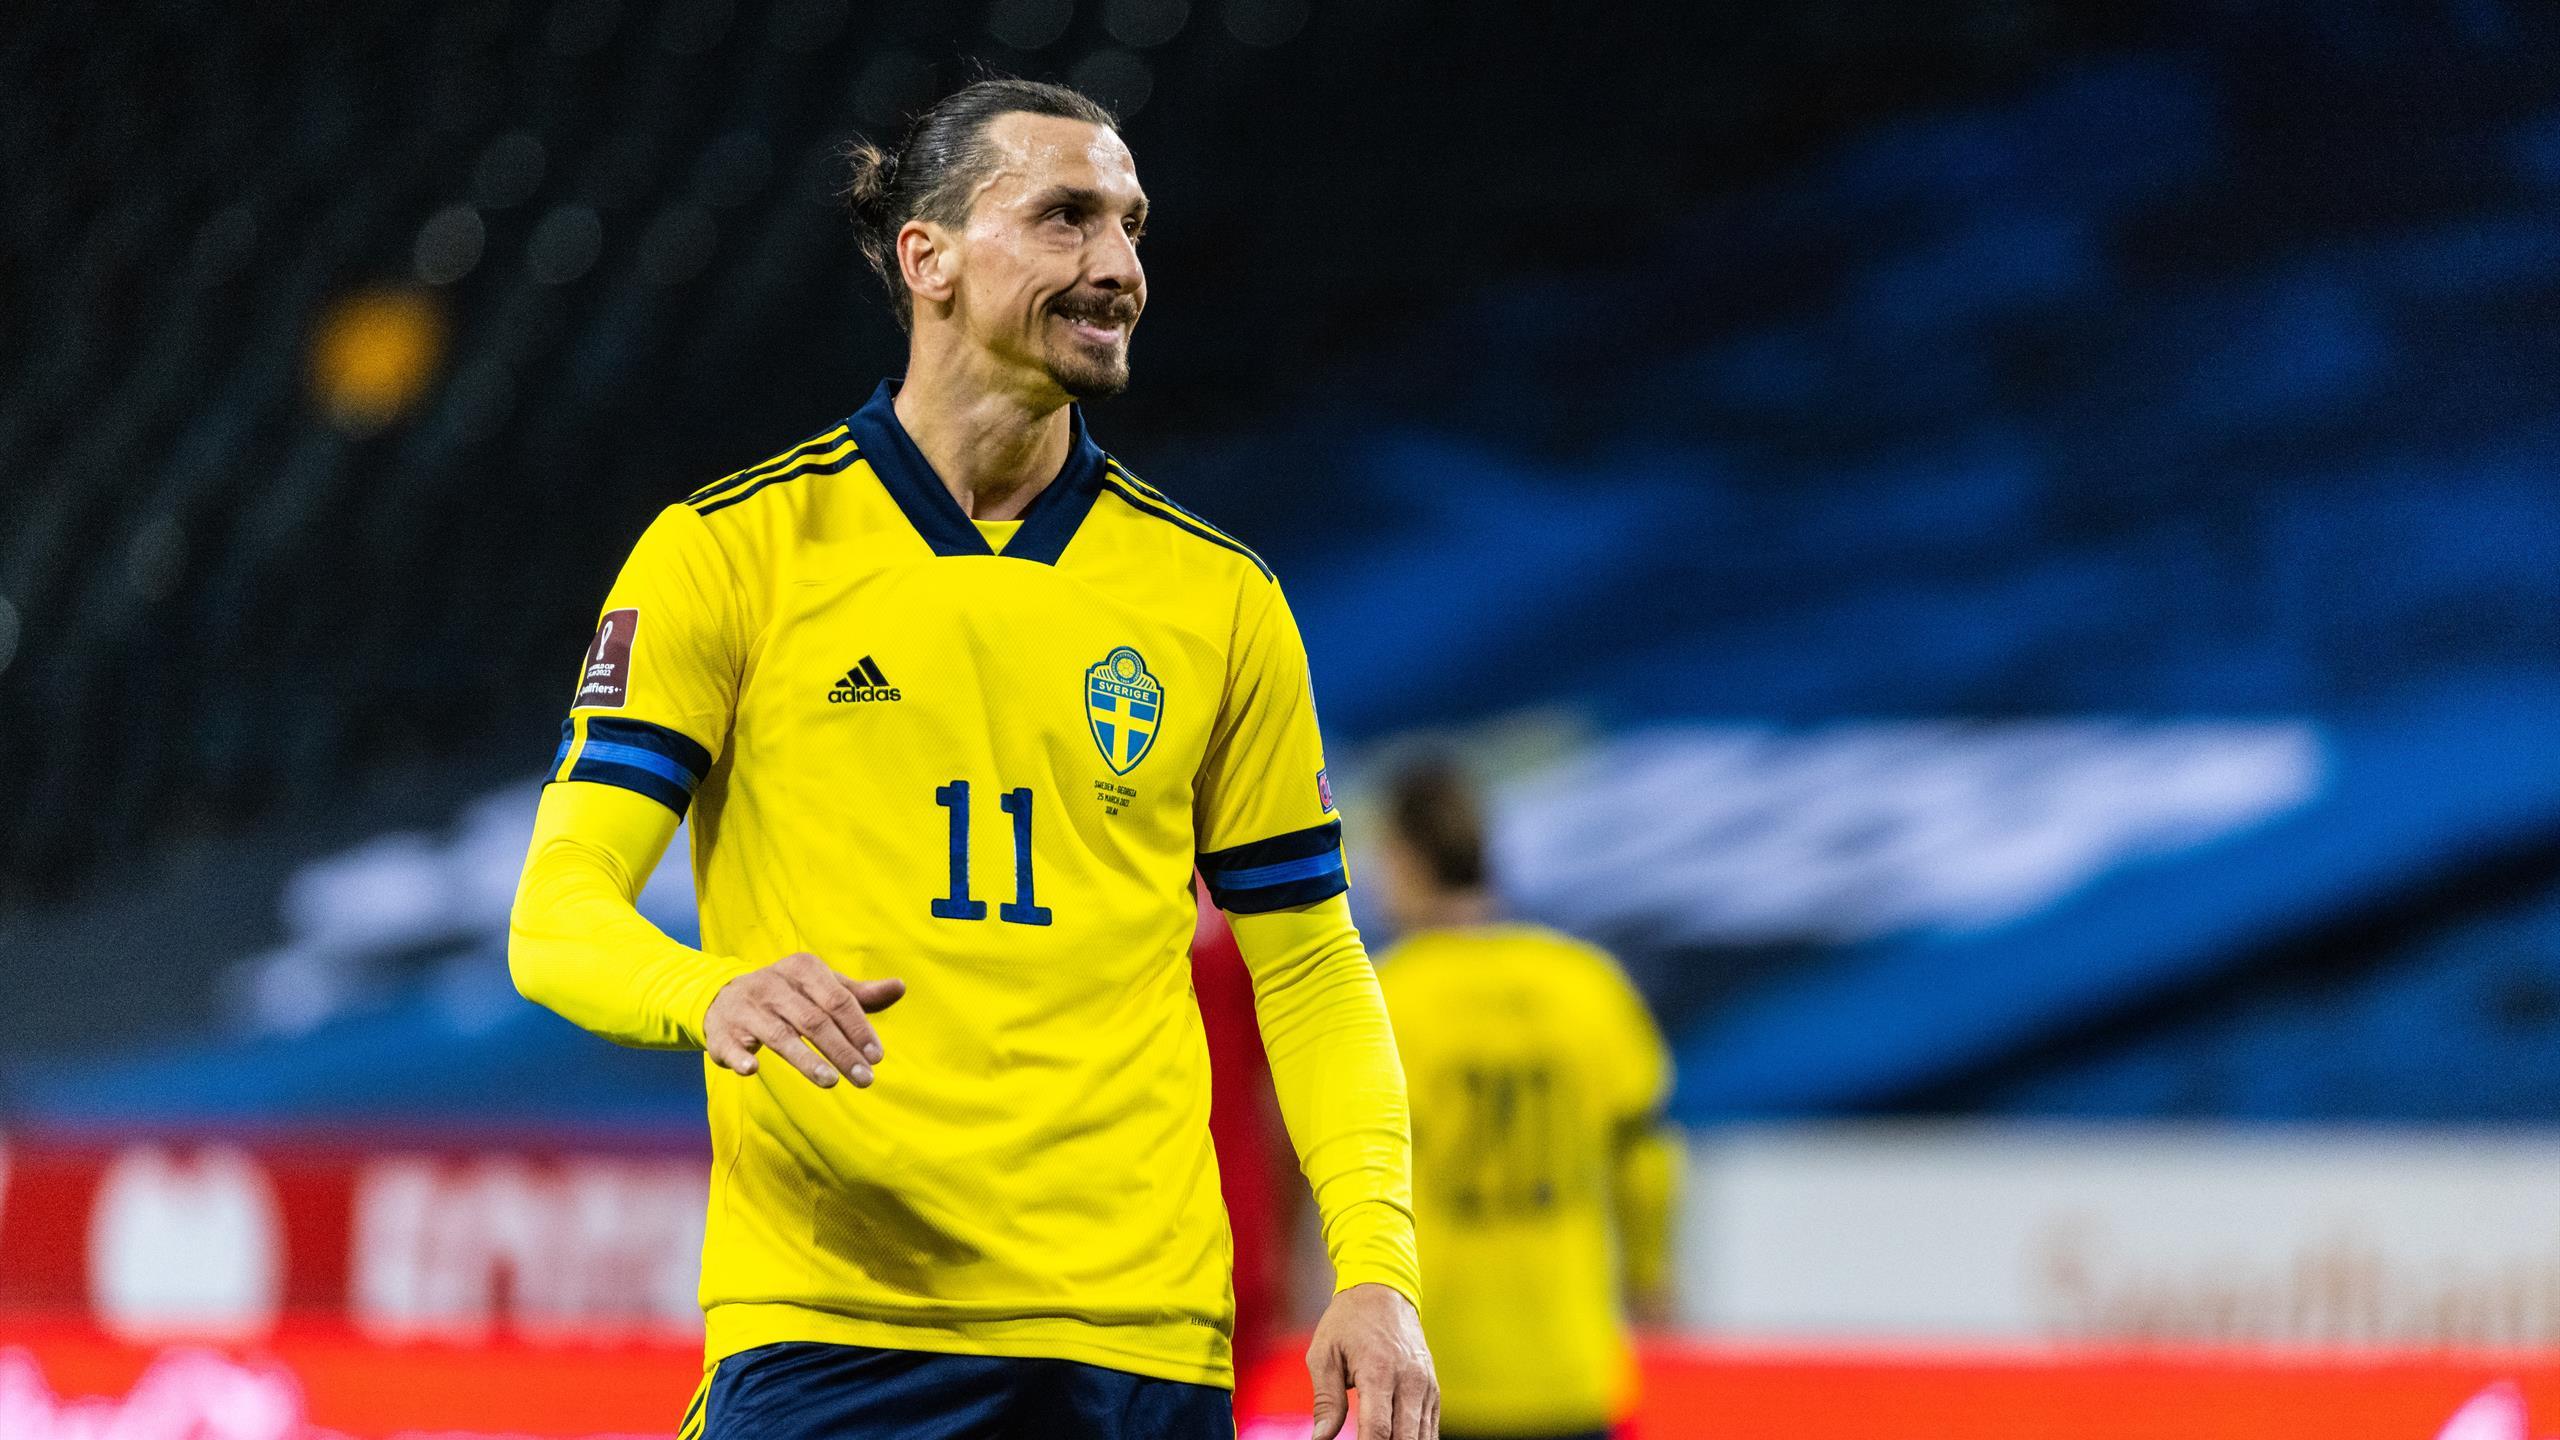 Officiel : Zlatan Ibrahimovic forfait pour l'Euro après sa blessure au genou gauche